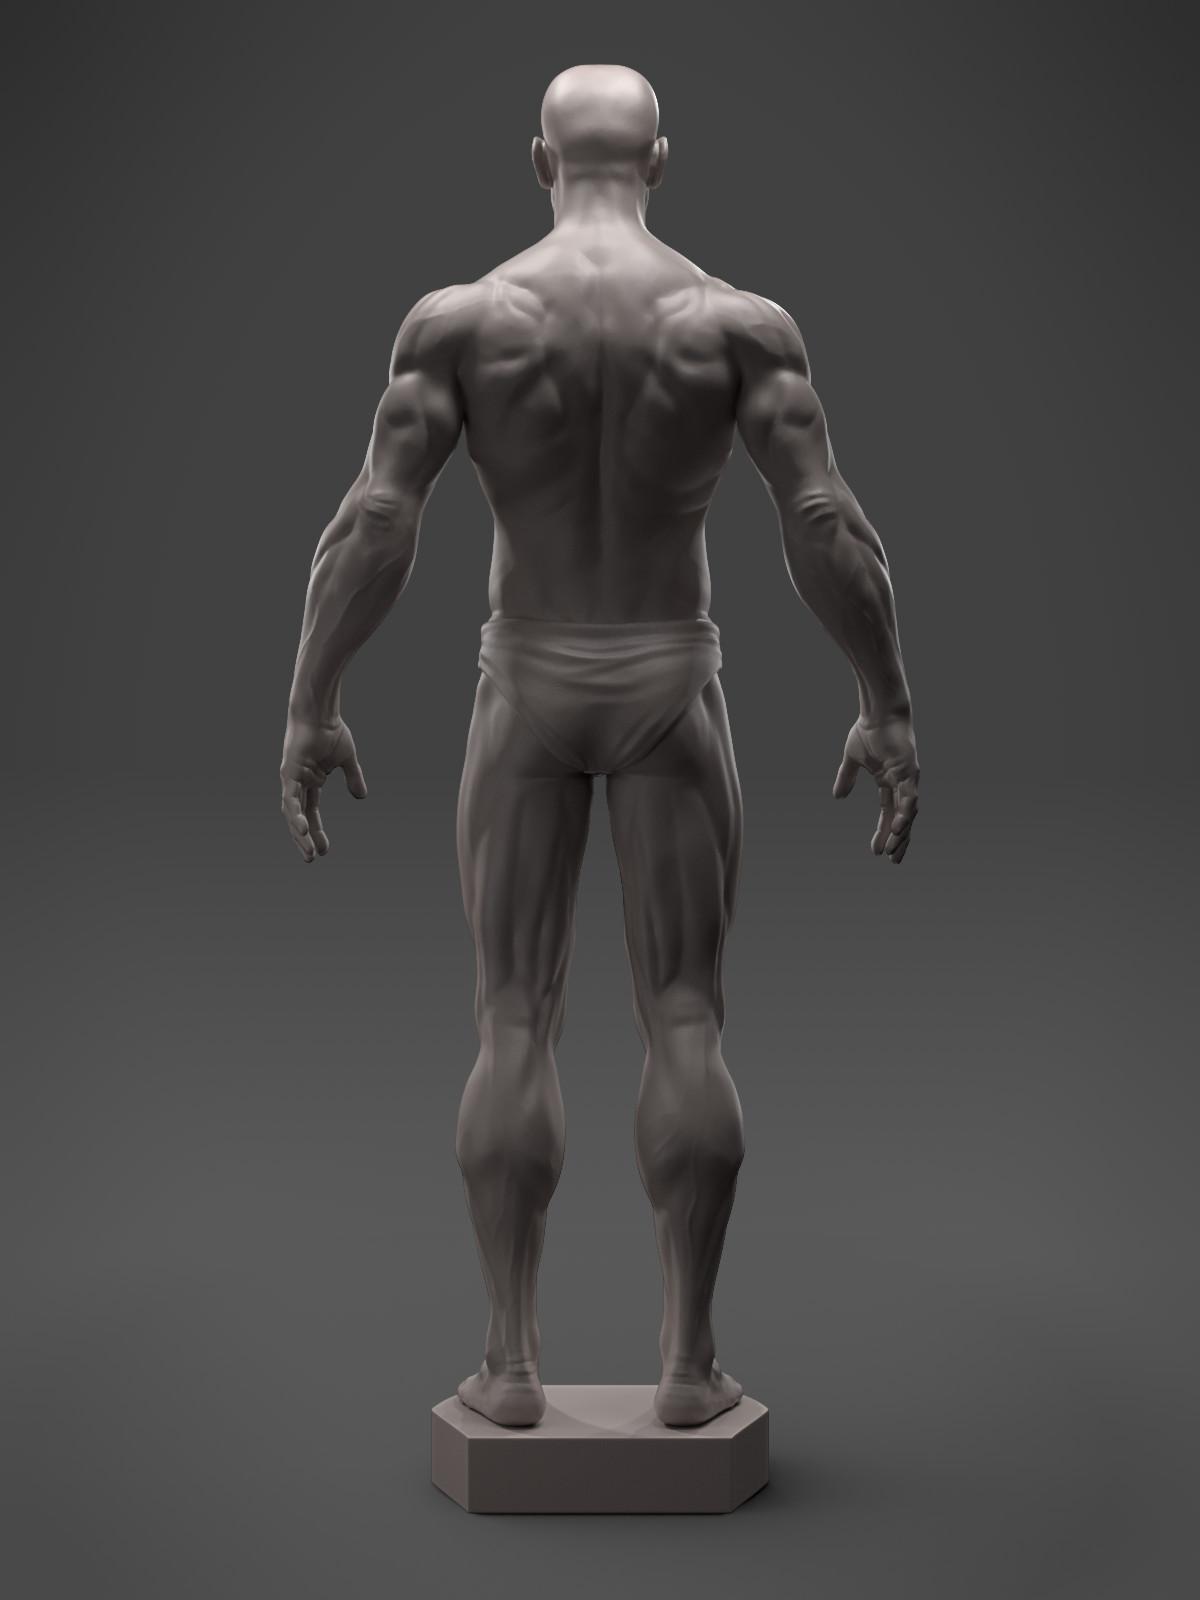 Hector moran anatomyguy back